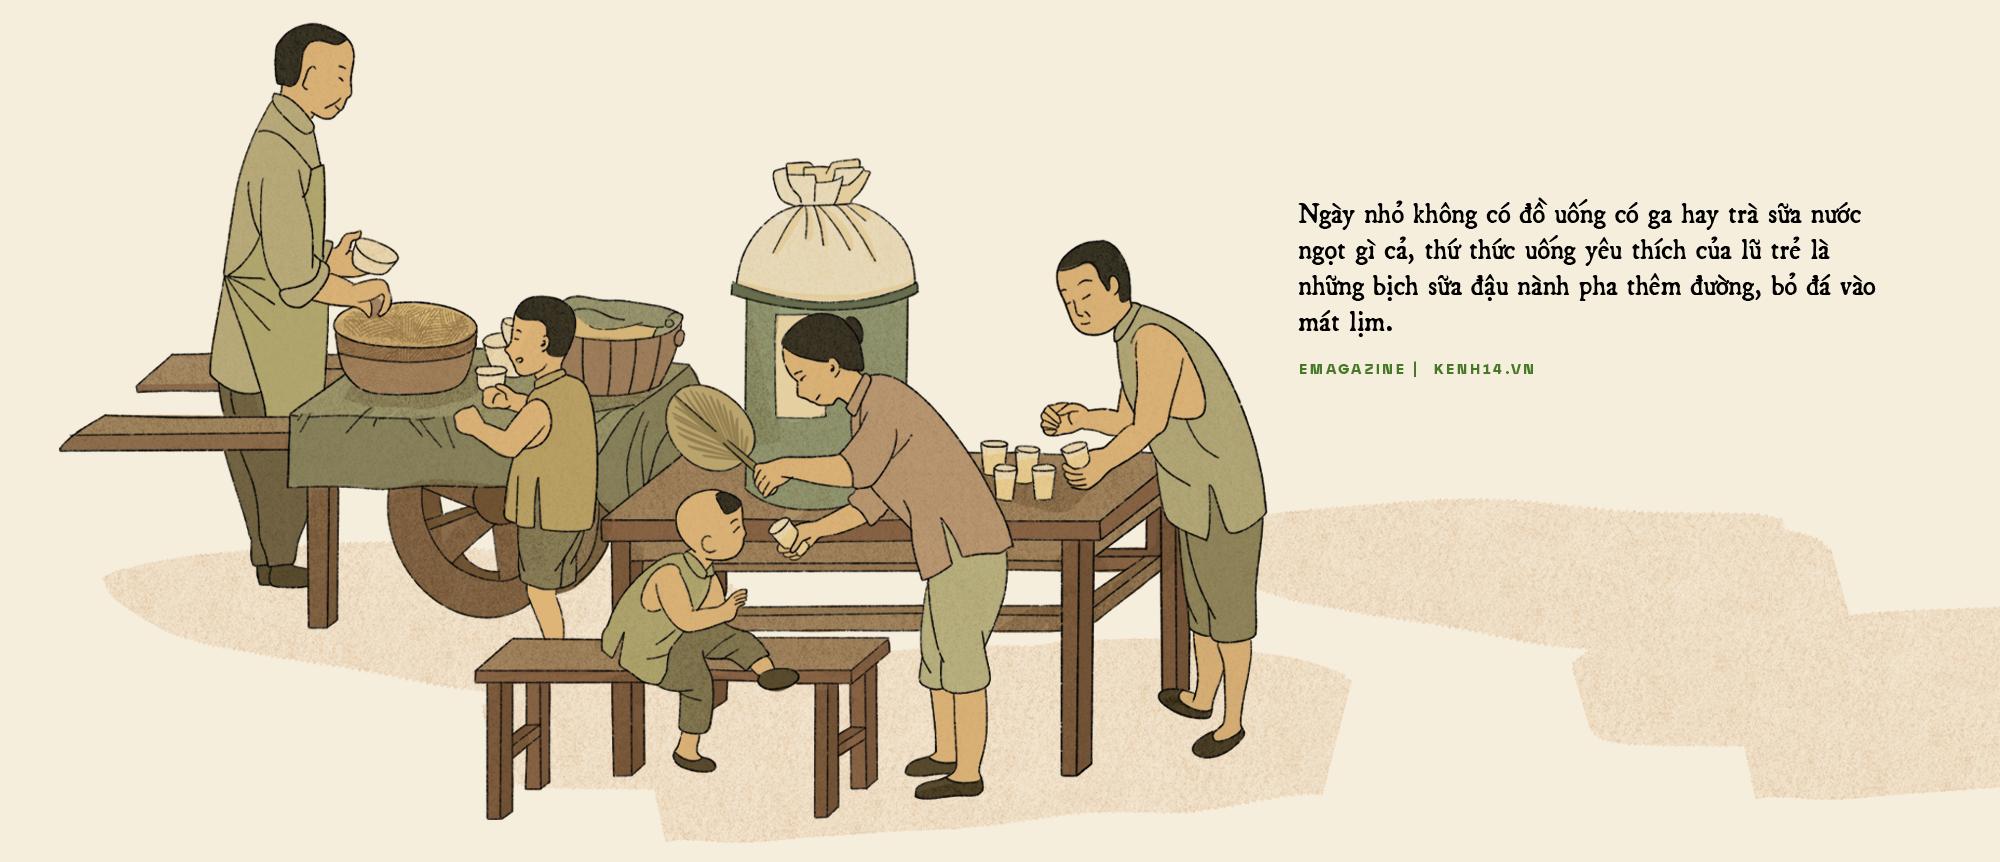 Hạt vàng đậu nành và những giá trị theo cùng sức khỏe người Việt - Ảnh 7.